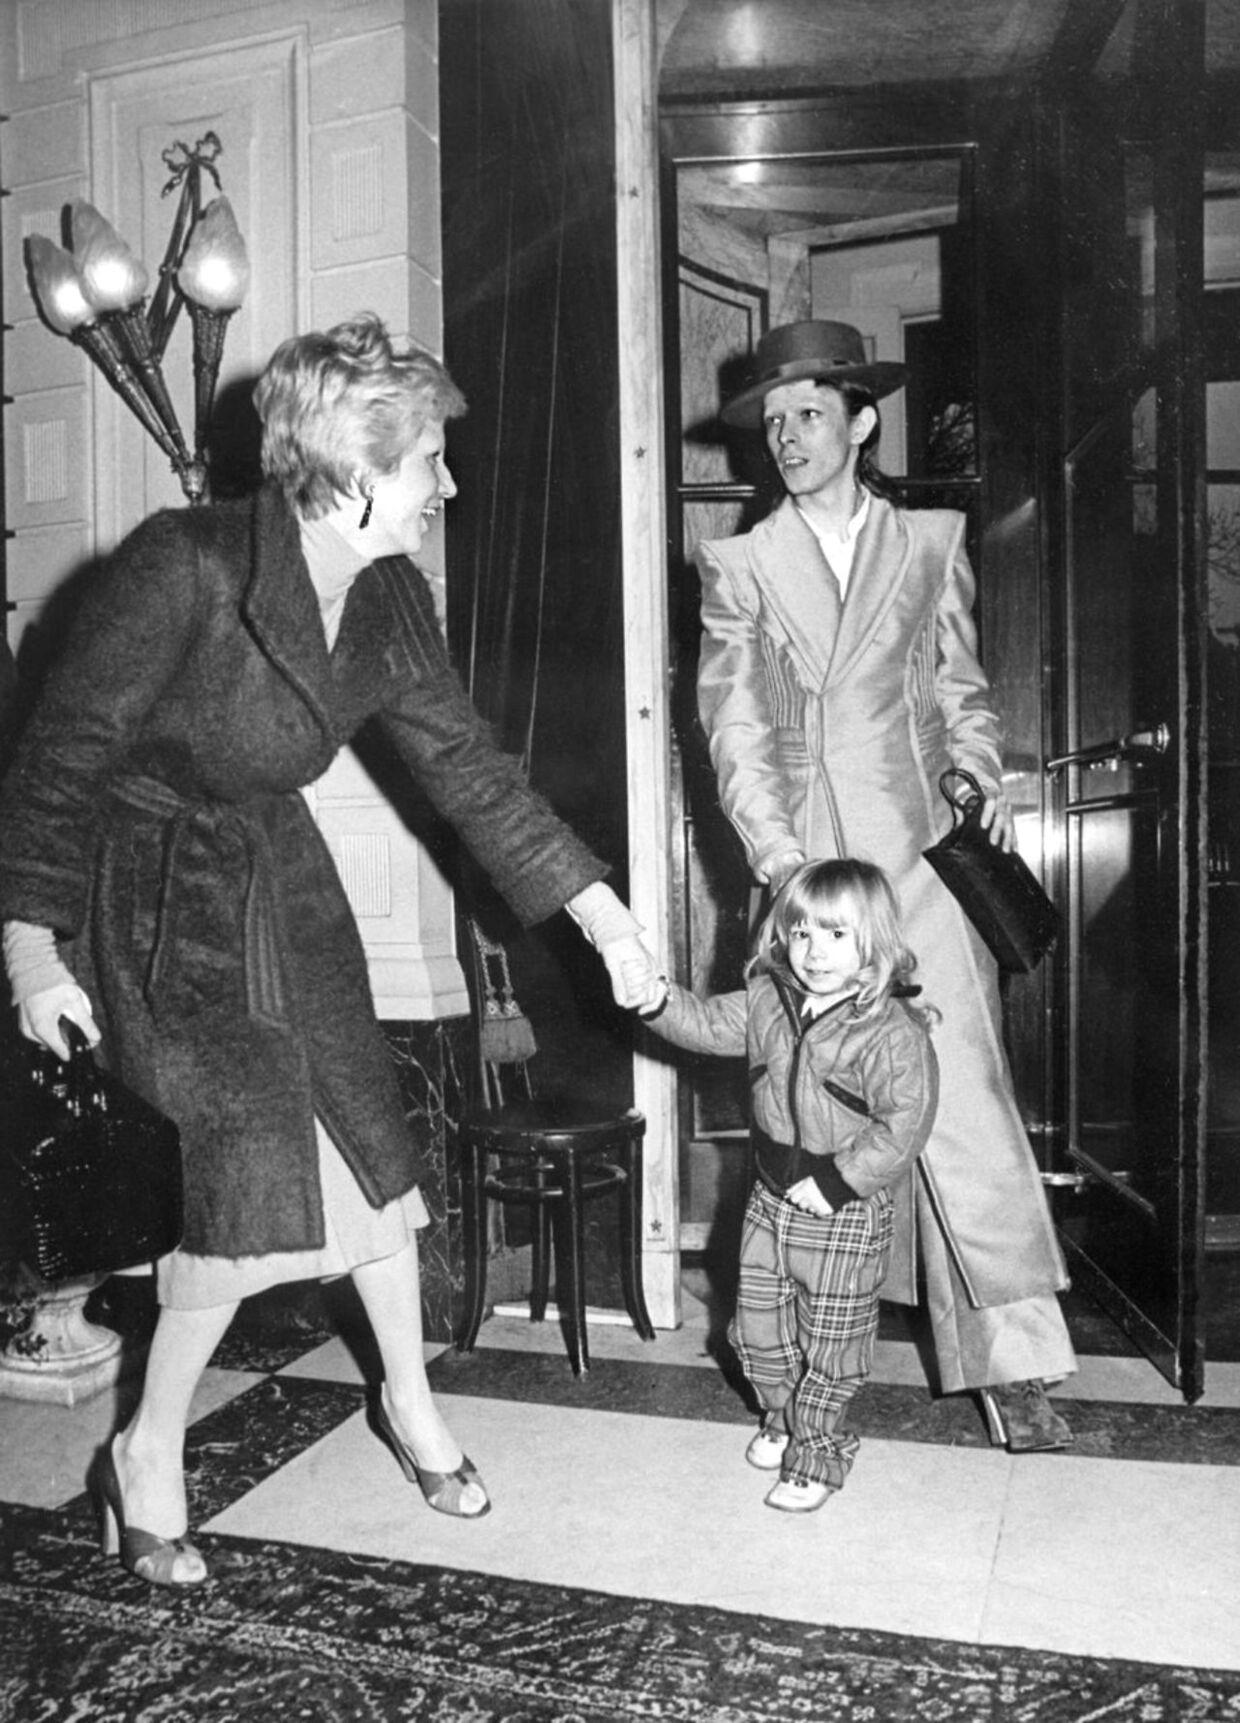 David Bowie og Angie i 1974 sammen med deres søn Zowie. I dag kalder sønnen sig Duncan Jones. Bowie har netop vundet en pris for albummet 'Ziggy Stardust' i Amsterdam.